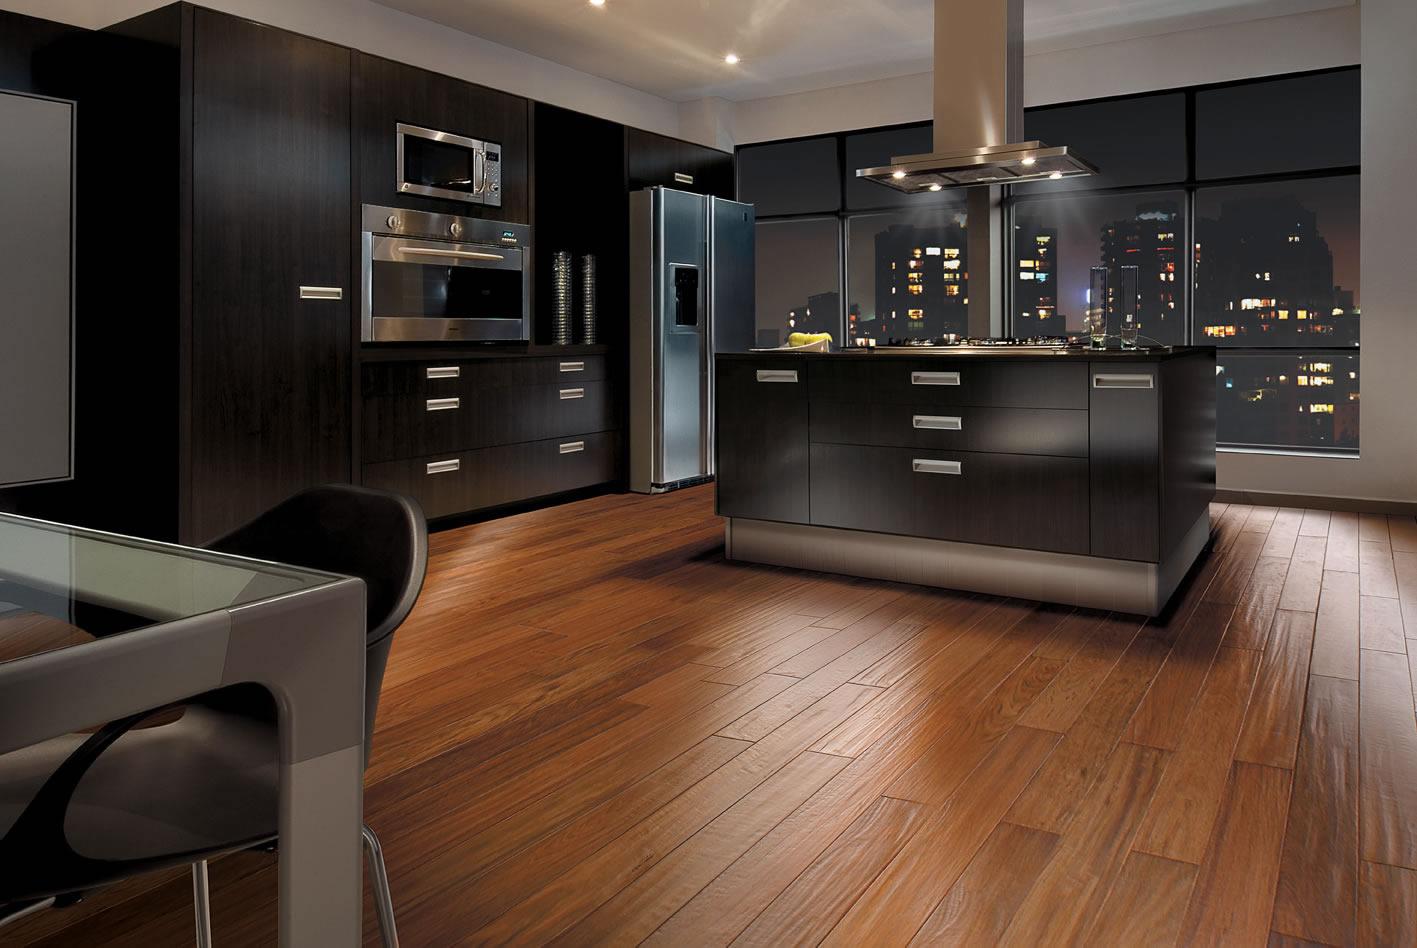 Pisos laminados durafloor pre os e fotos decorando casas for Piso cocinas minimalistas